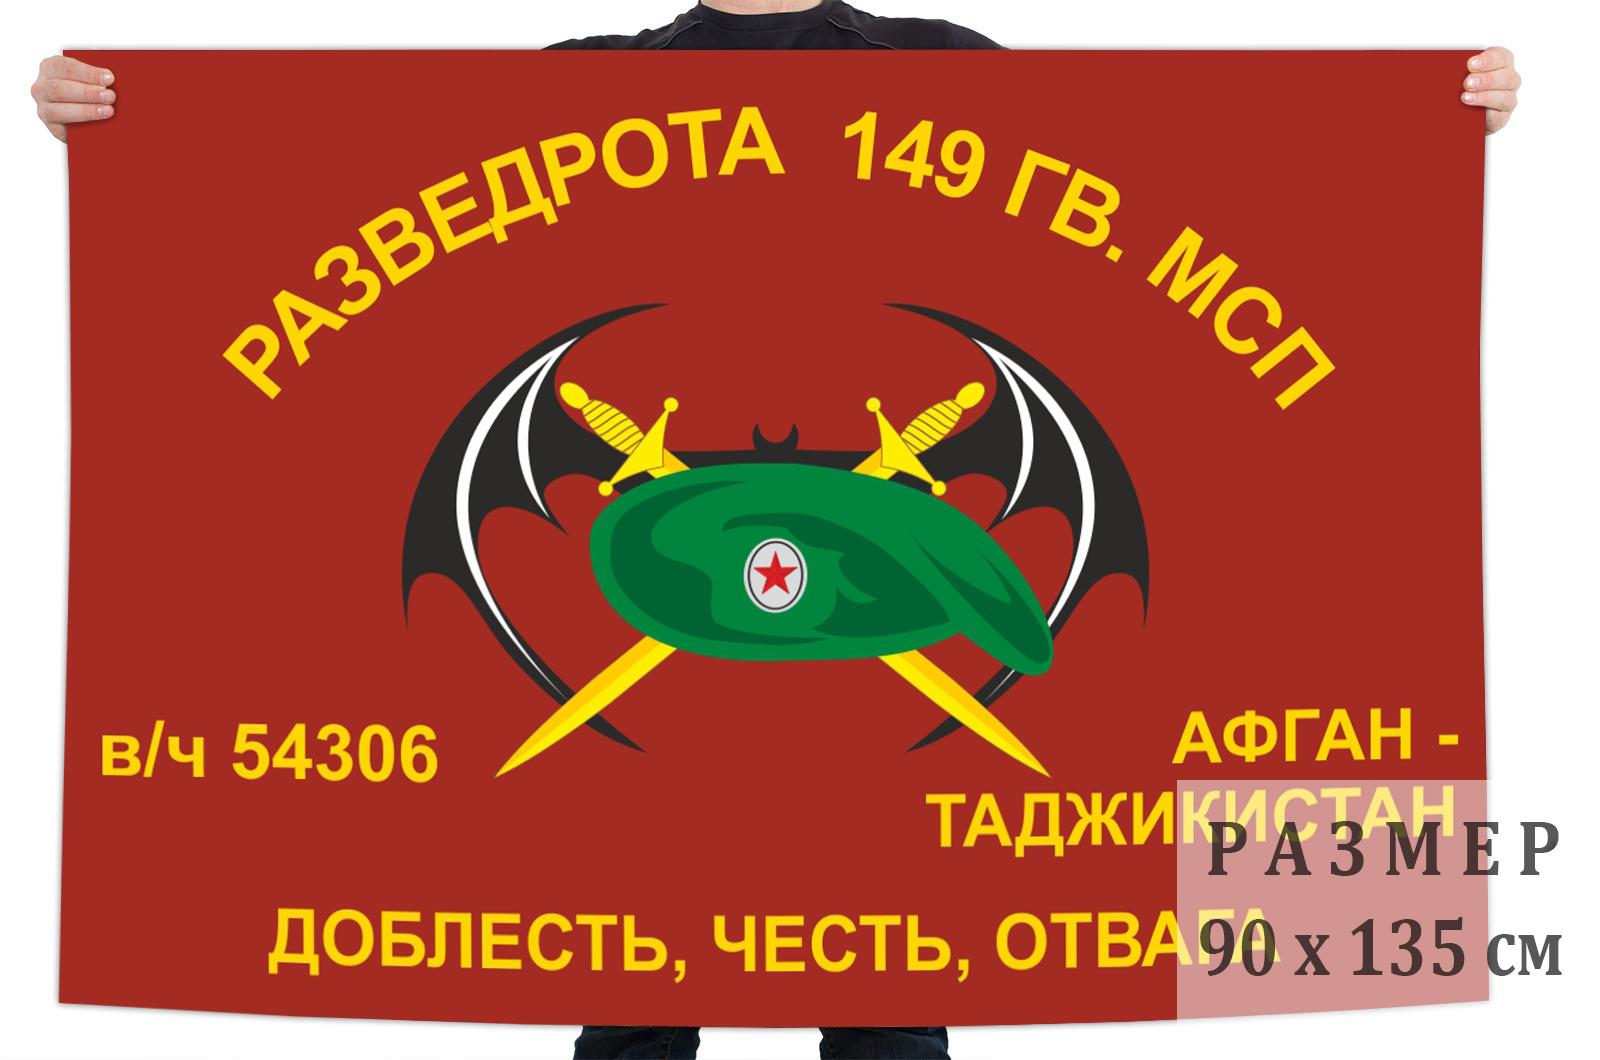 Флаг Разведроты 149 Гв. МСП